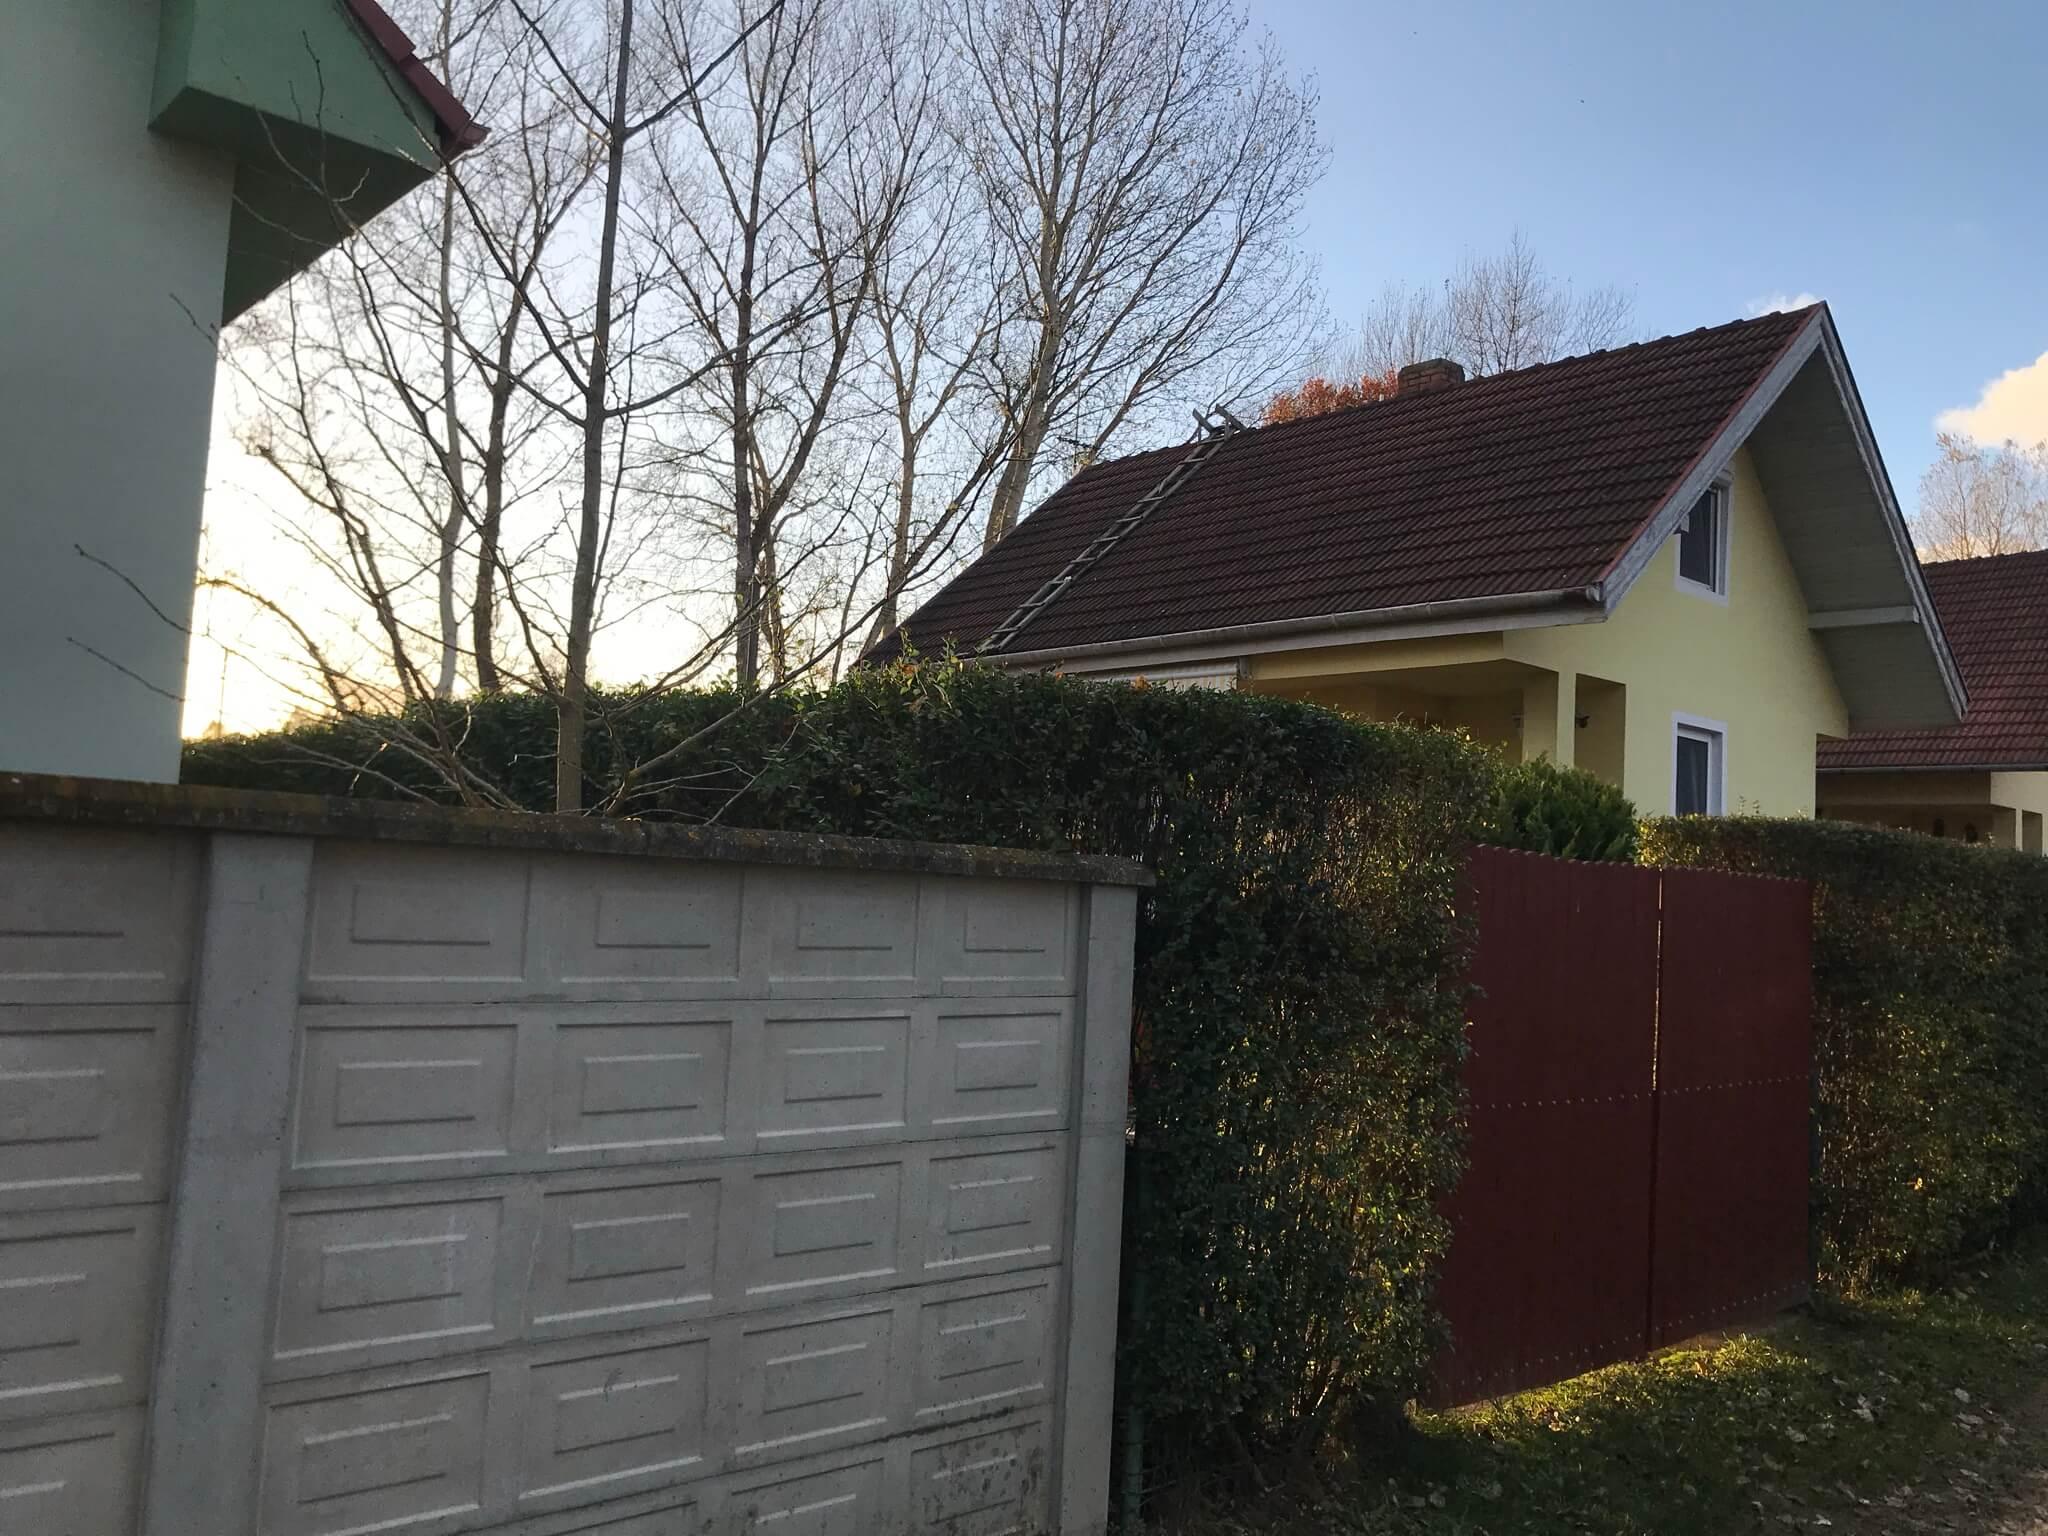 Predané: Exkluzívne 3 izbová chata o výmere 70m2 s 300m2 pozemkom, 2 podložná, v Gabčíkove pri hrádzi, kompe-29